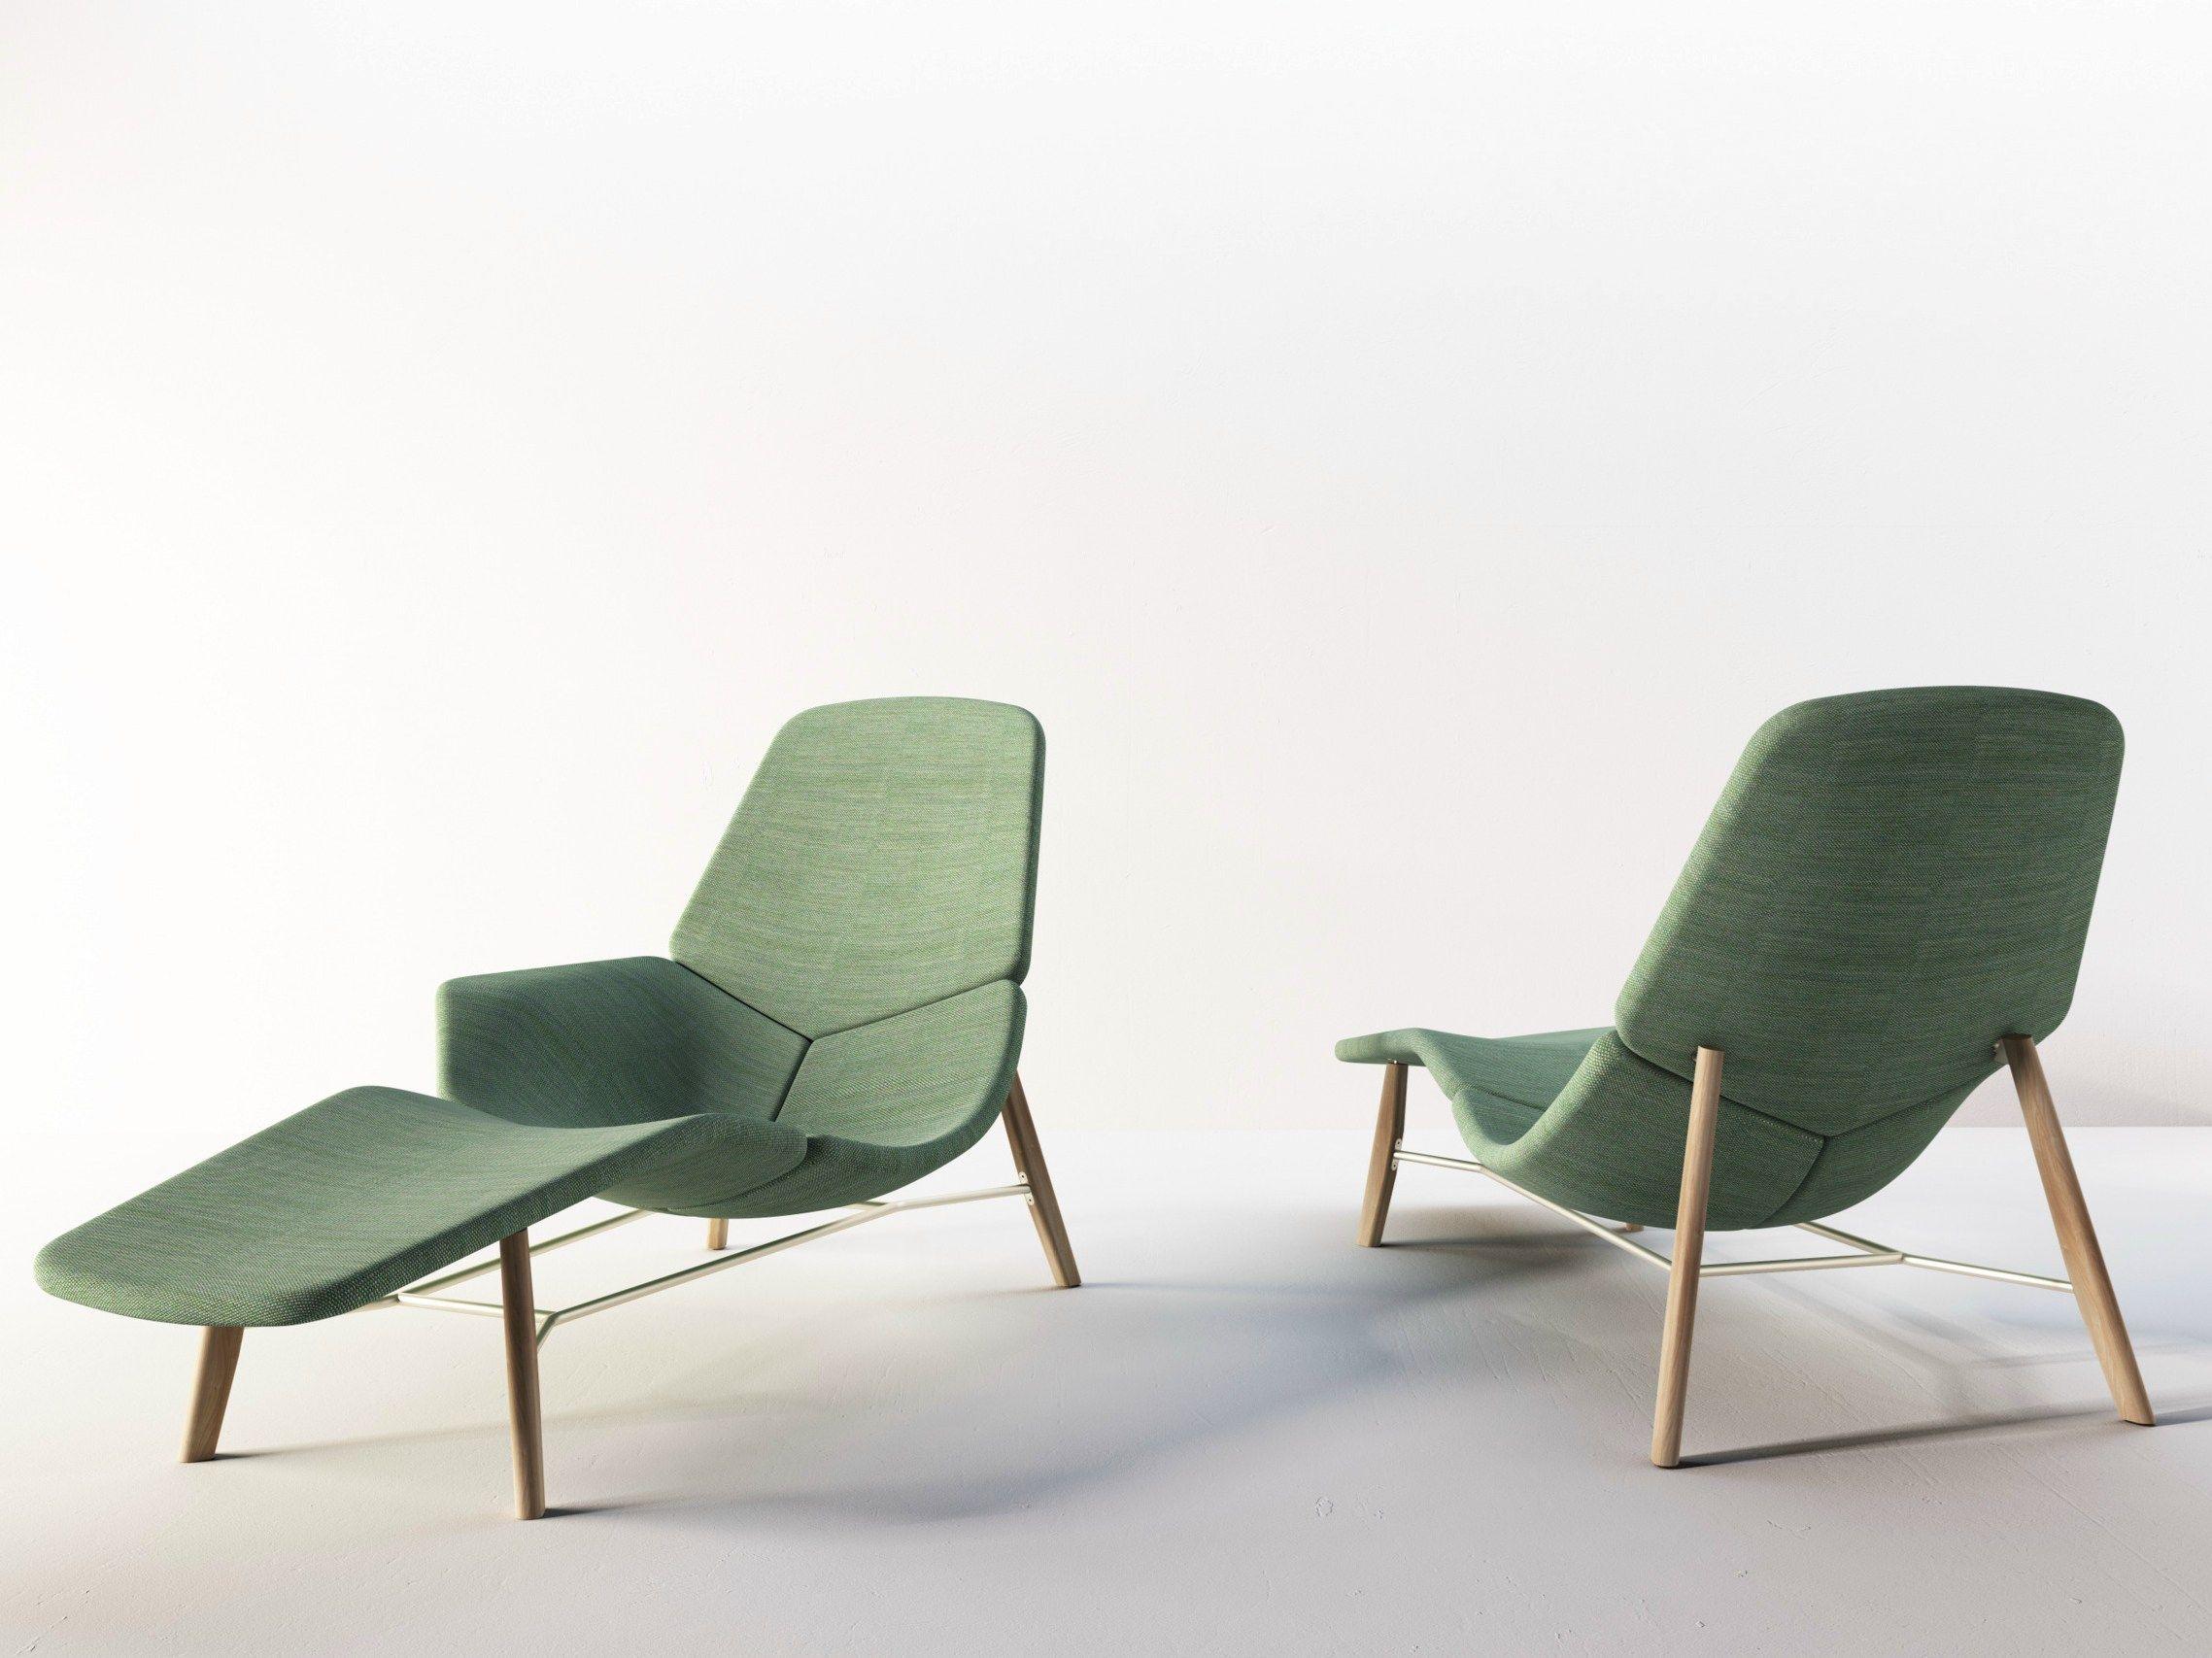 Fabric Lounge Chair Atoll By Tacchini Italia Forniture Design Patrick Norguet Coleccion De Muebles Divan Muebles Terraza